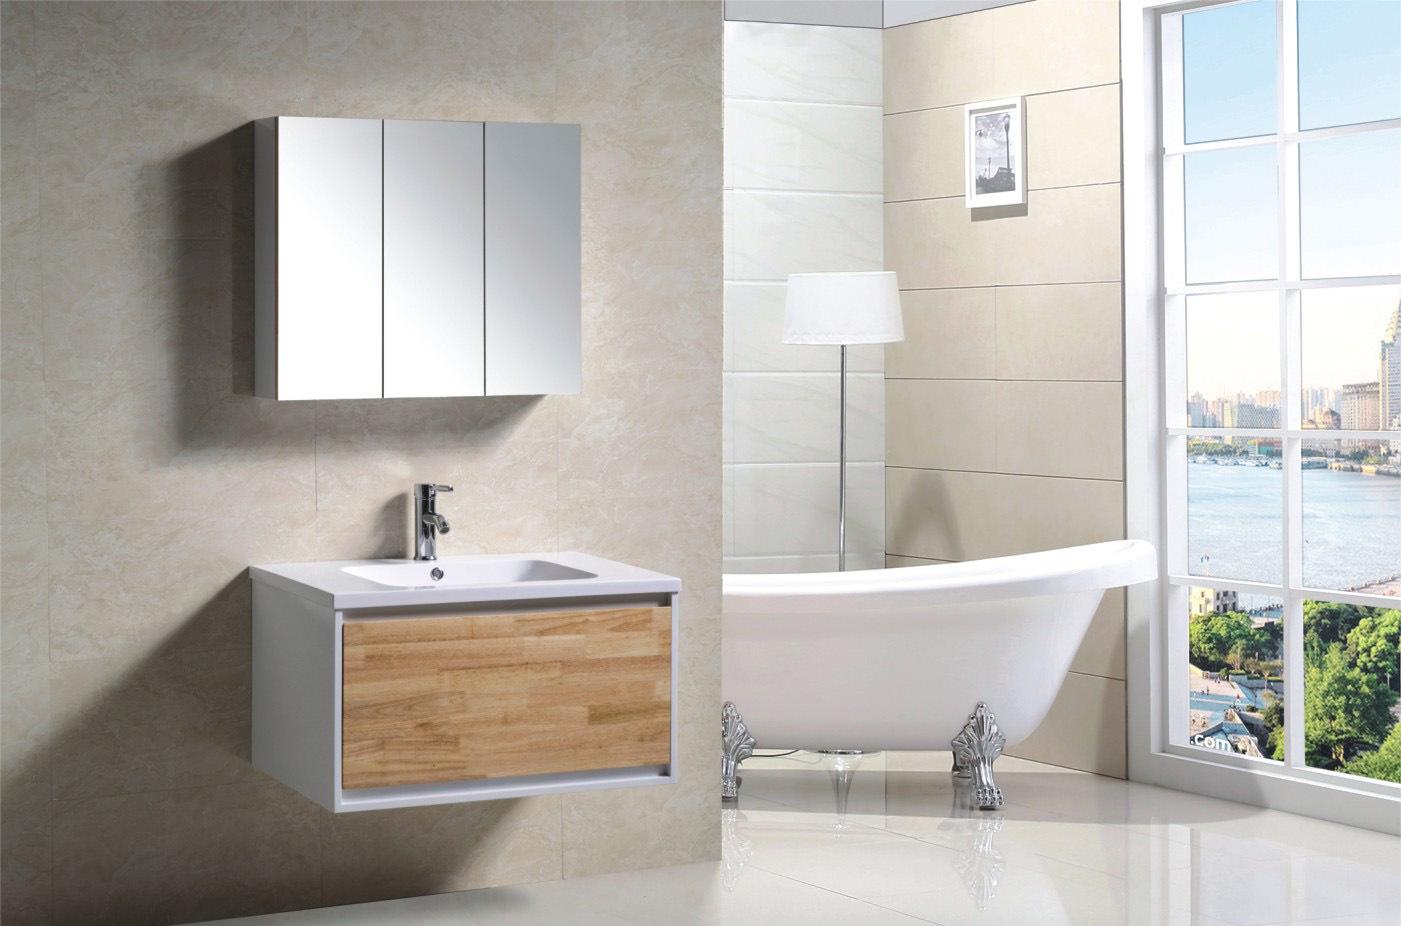 pvc pour mur salle de bain - maison design - sphena.com - Pvc Pour Mur Salle De Bain